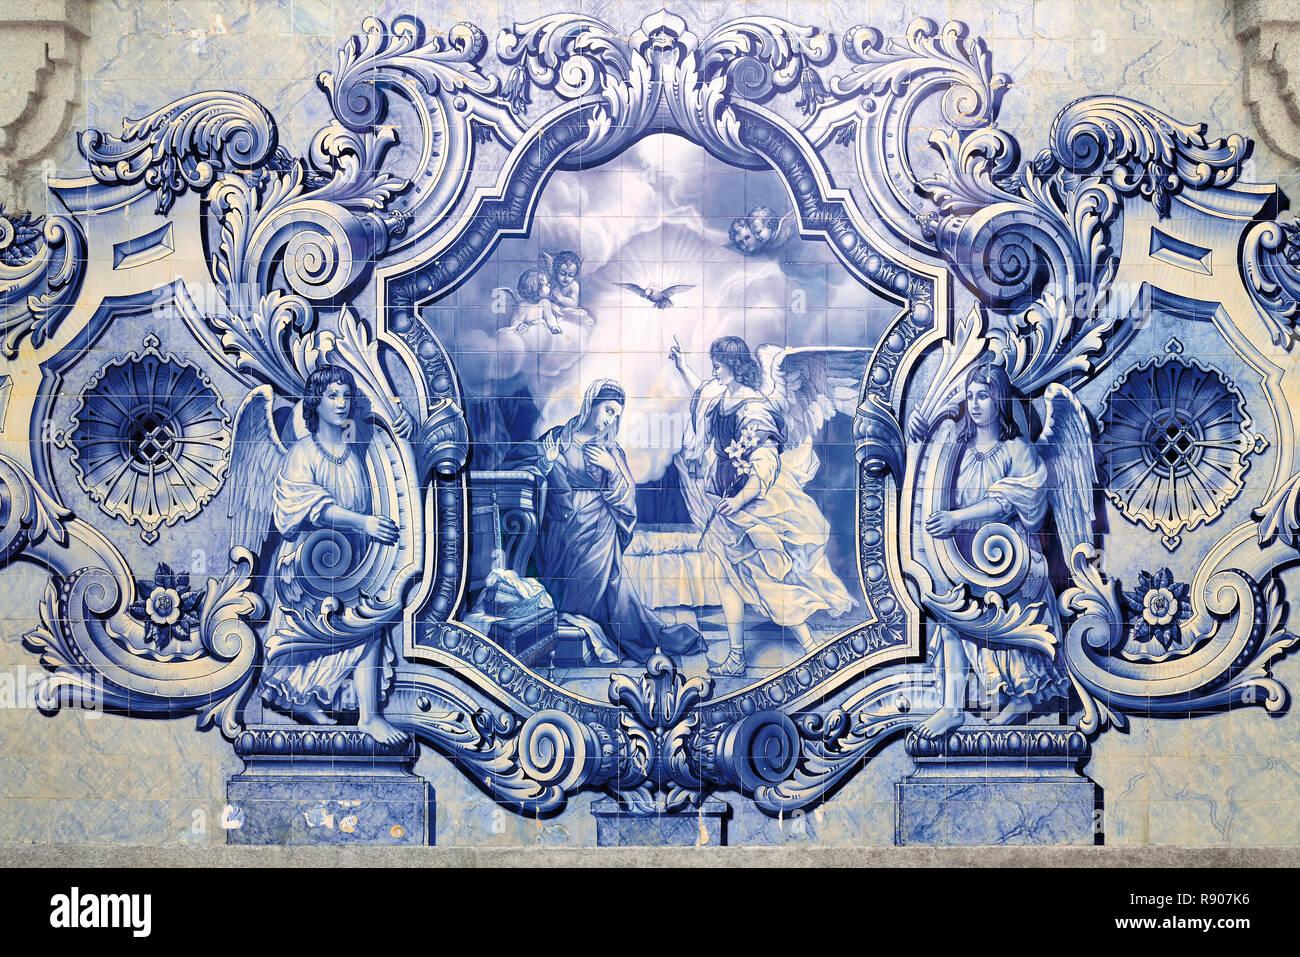 Carrelage Bleu Et Blanc Peinture Historique Avec Motif